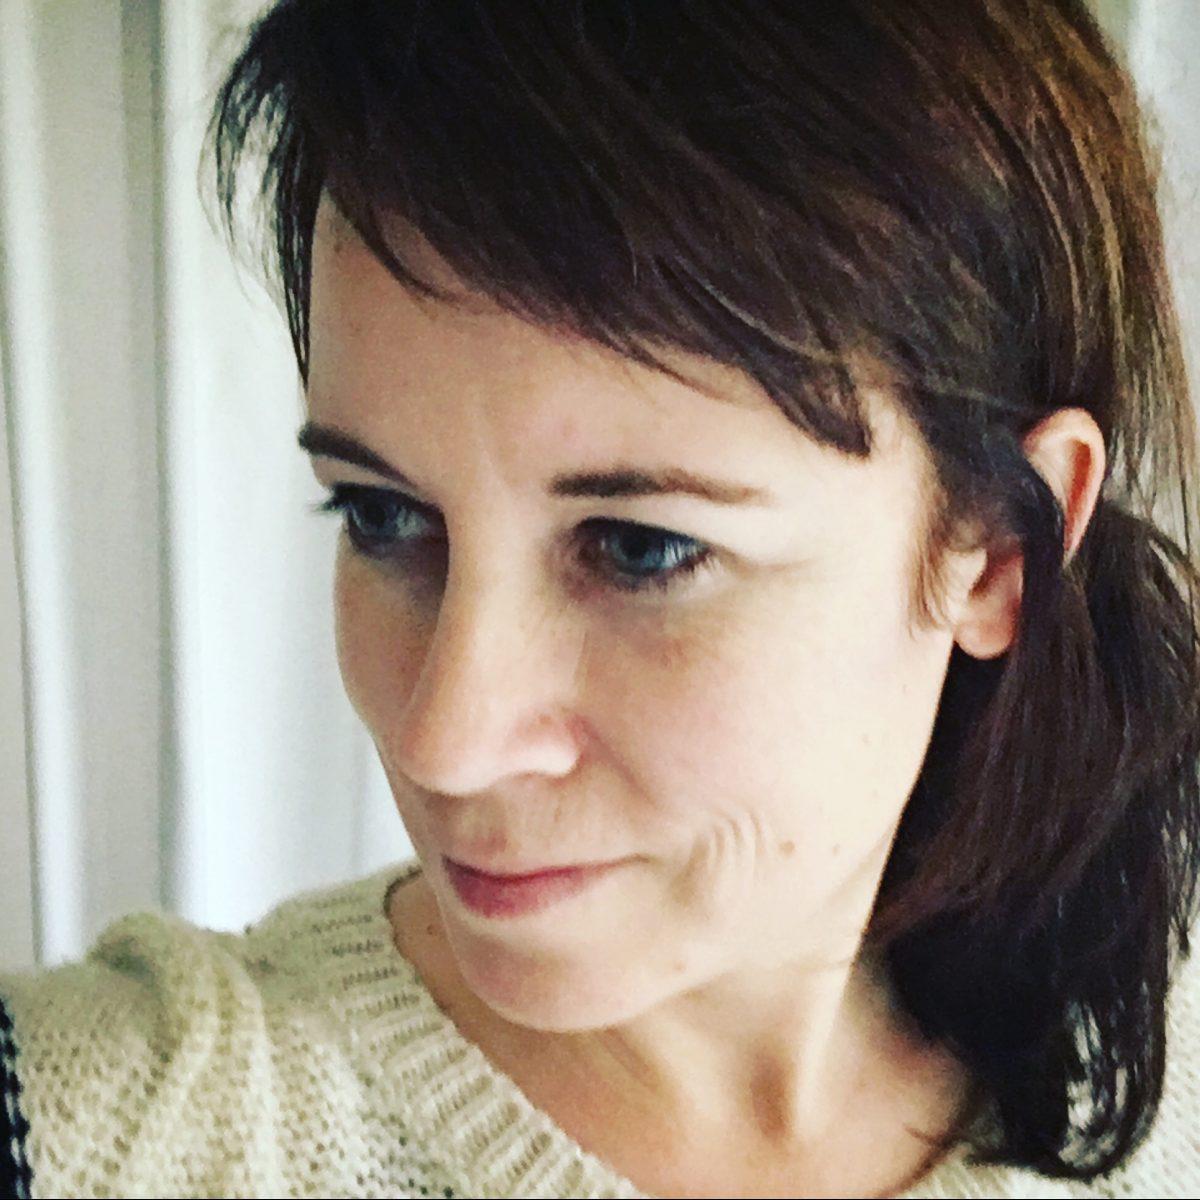 Sofie Mulders